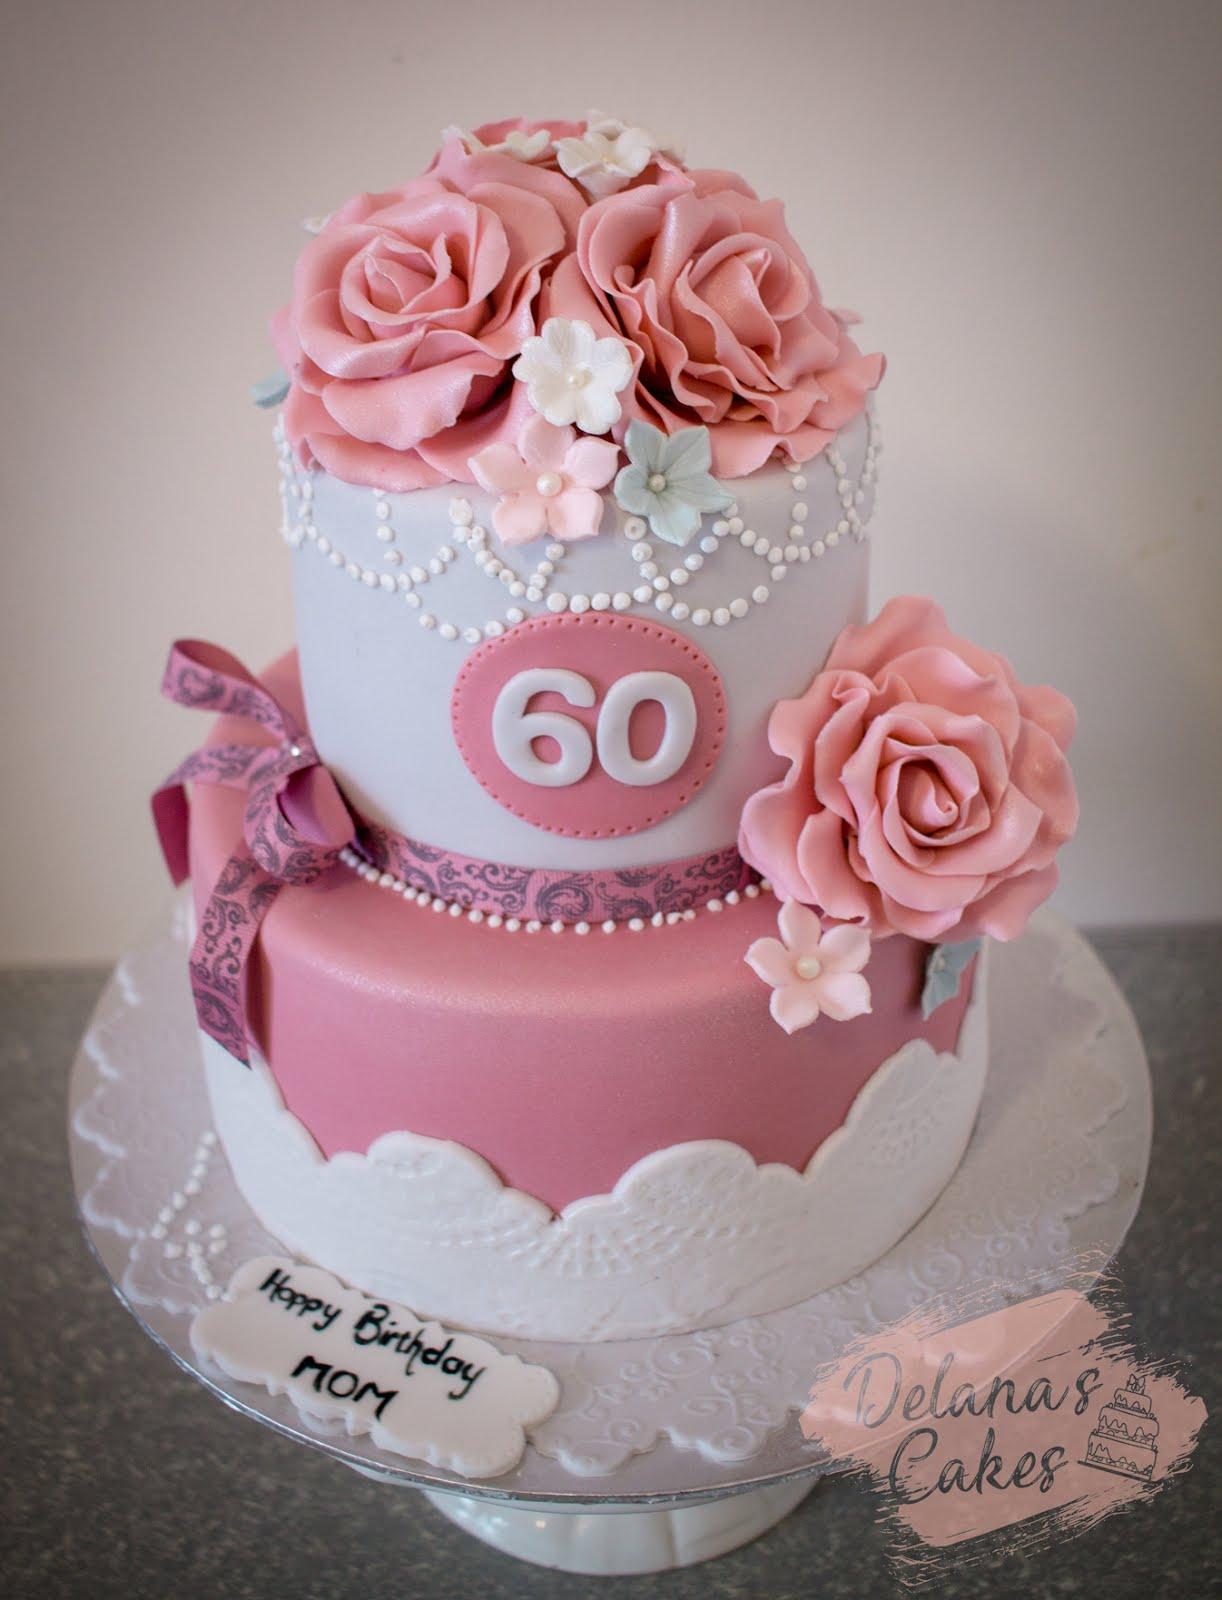 Surprising Delanas Cakes Vintage Birthday Cake Funny Birthday Cards Online Alyptdamsfinfo